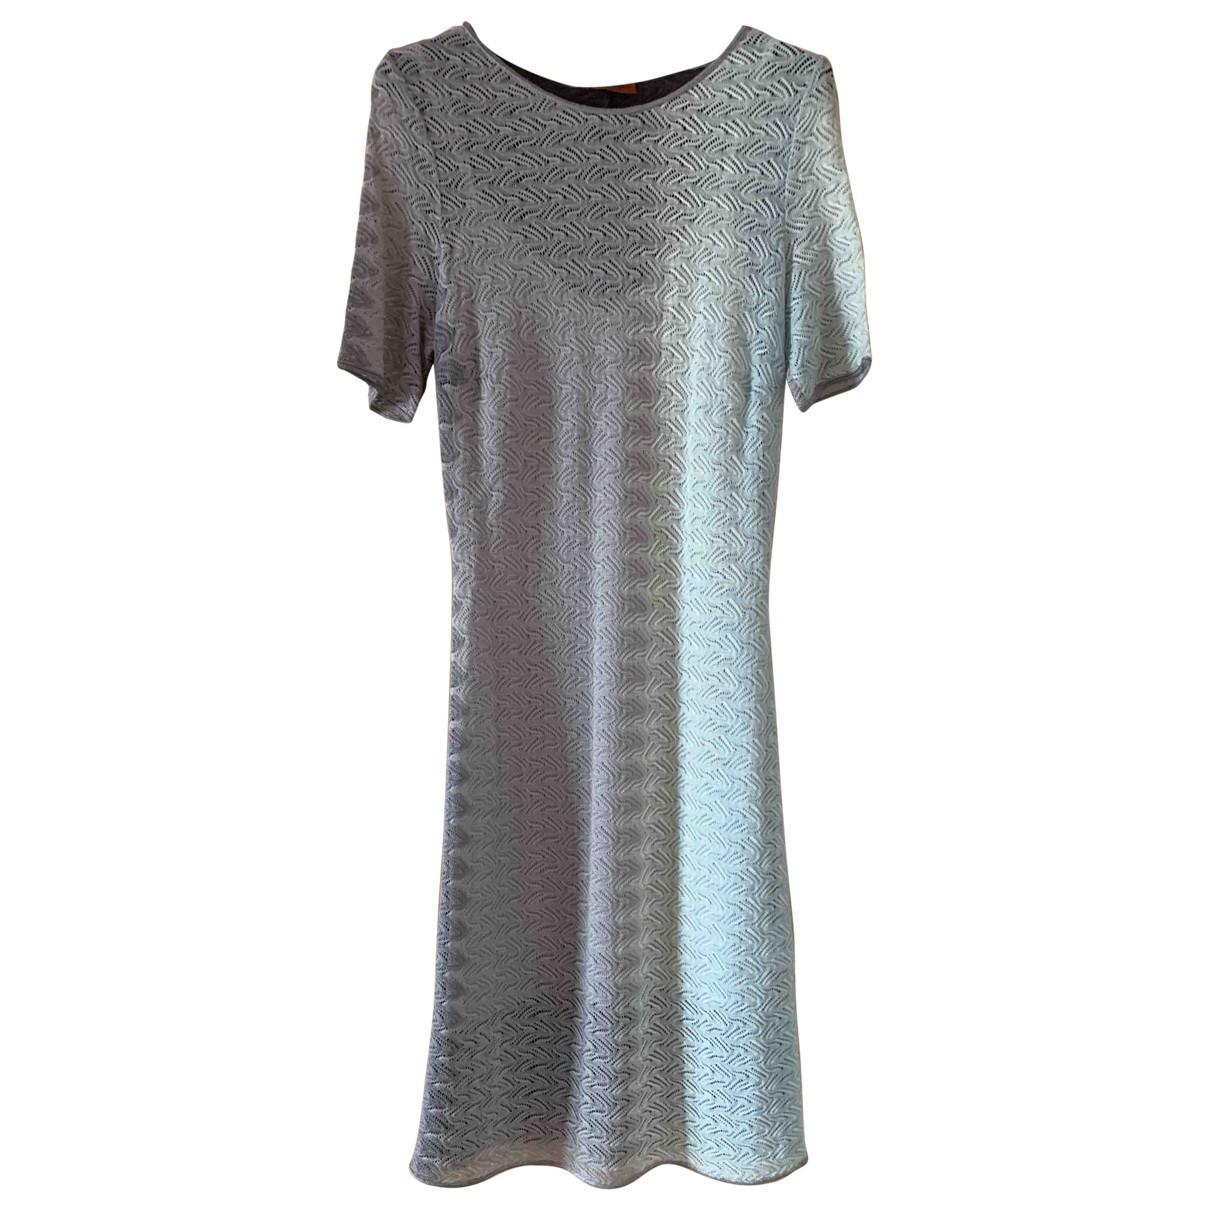 Missoni \N Kleid in  Grau Wolle